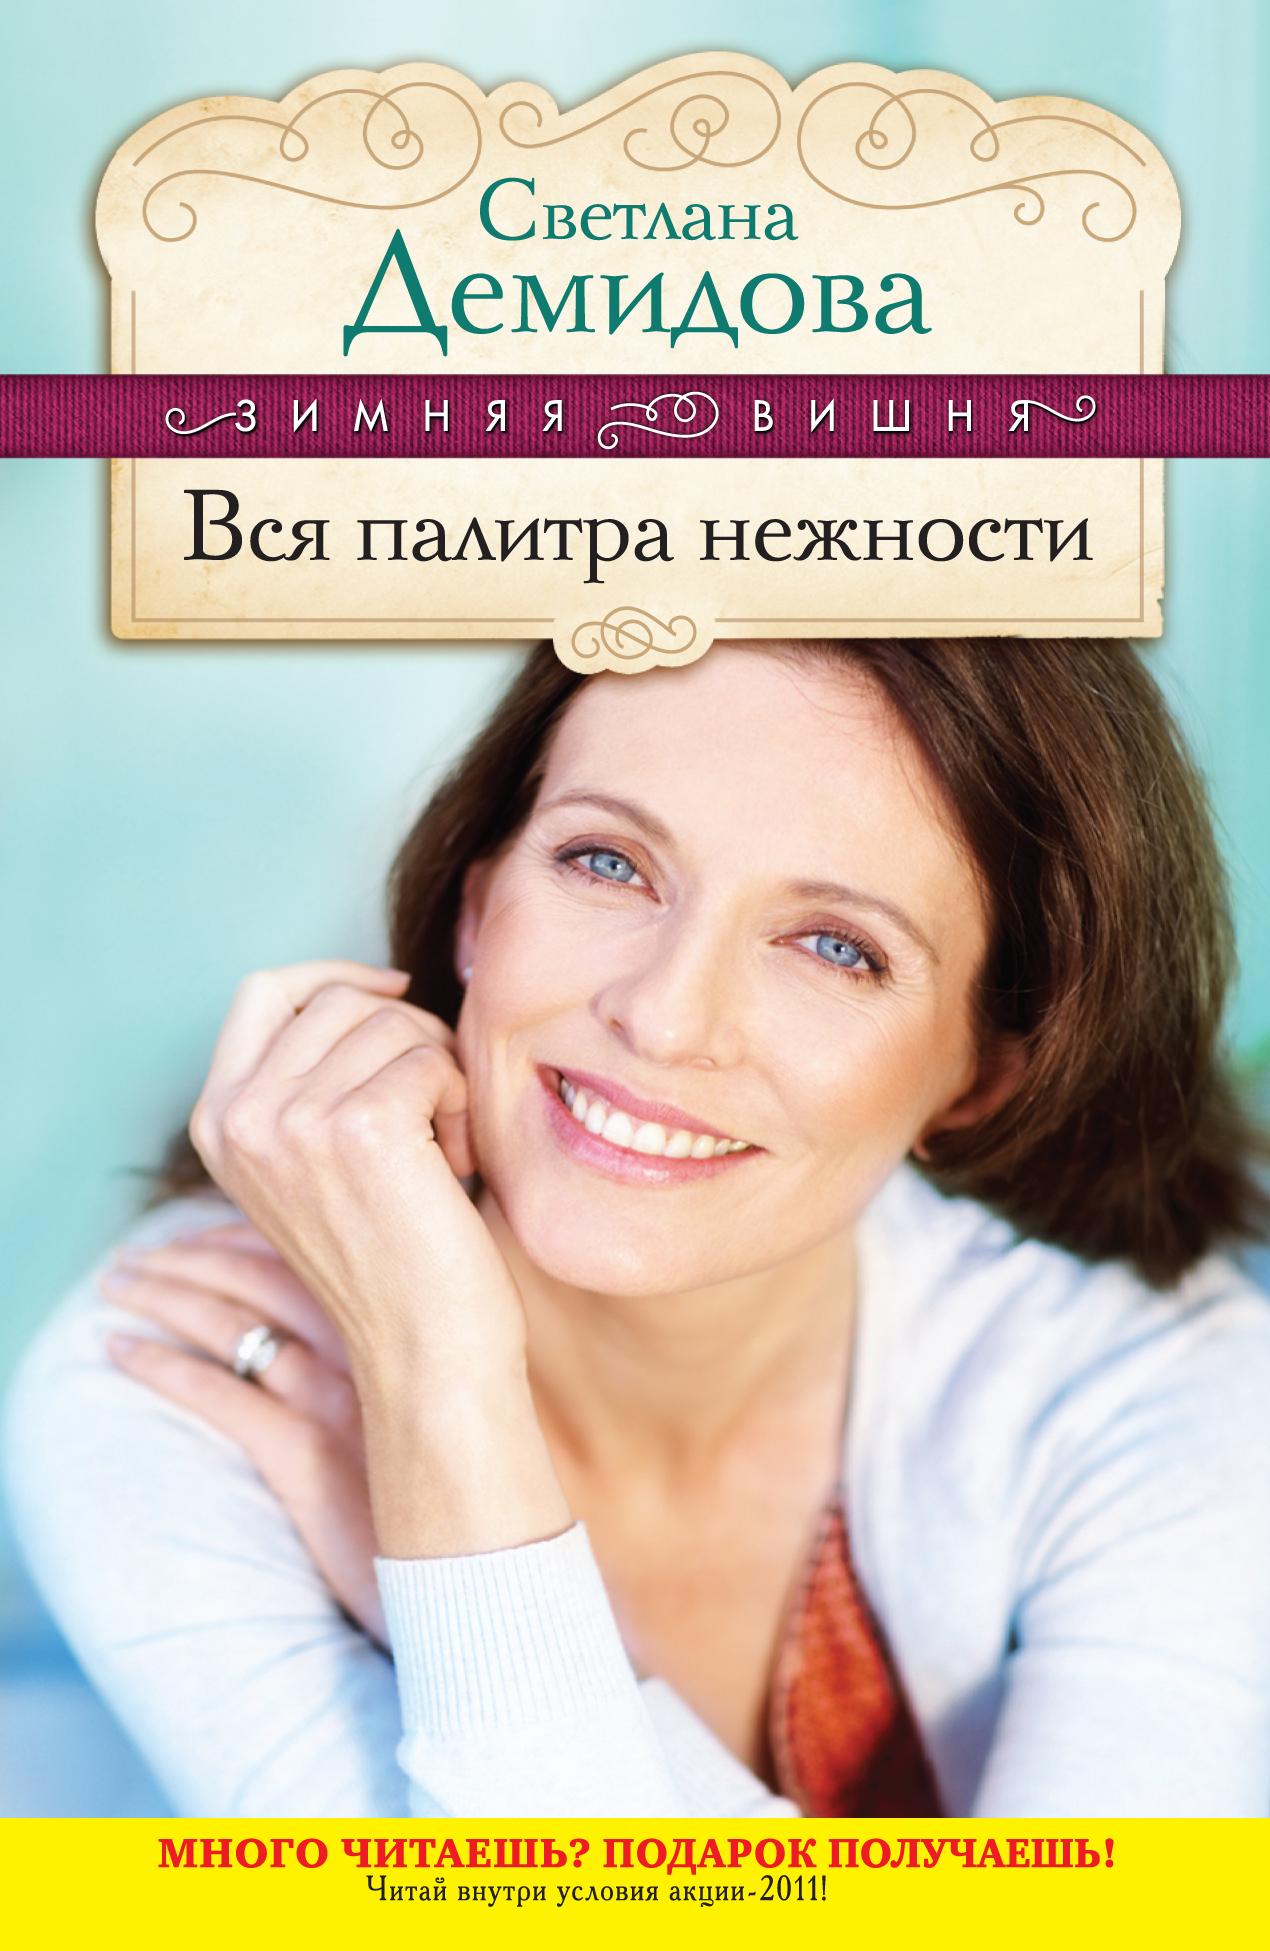 Светлана Демидова Вся палитра нежности